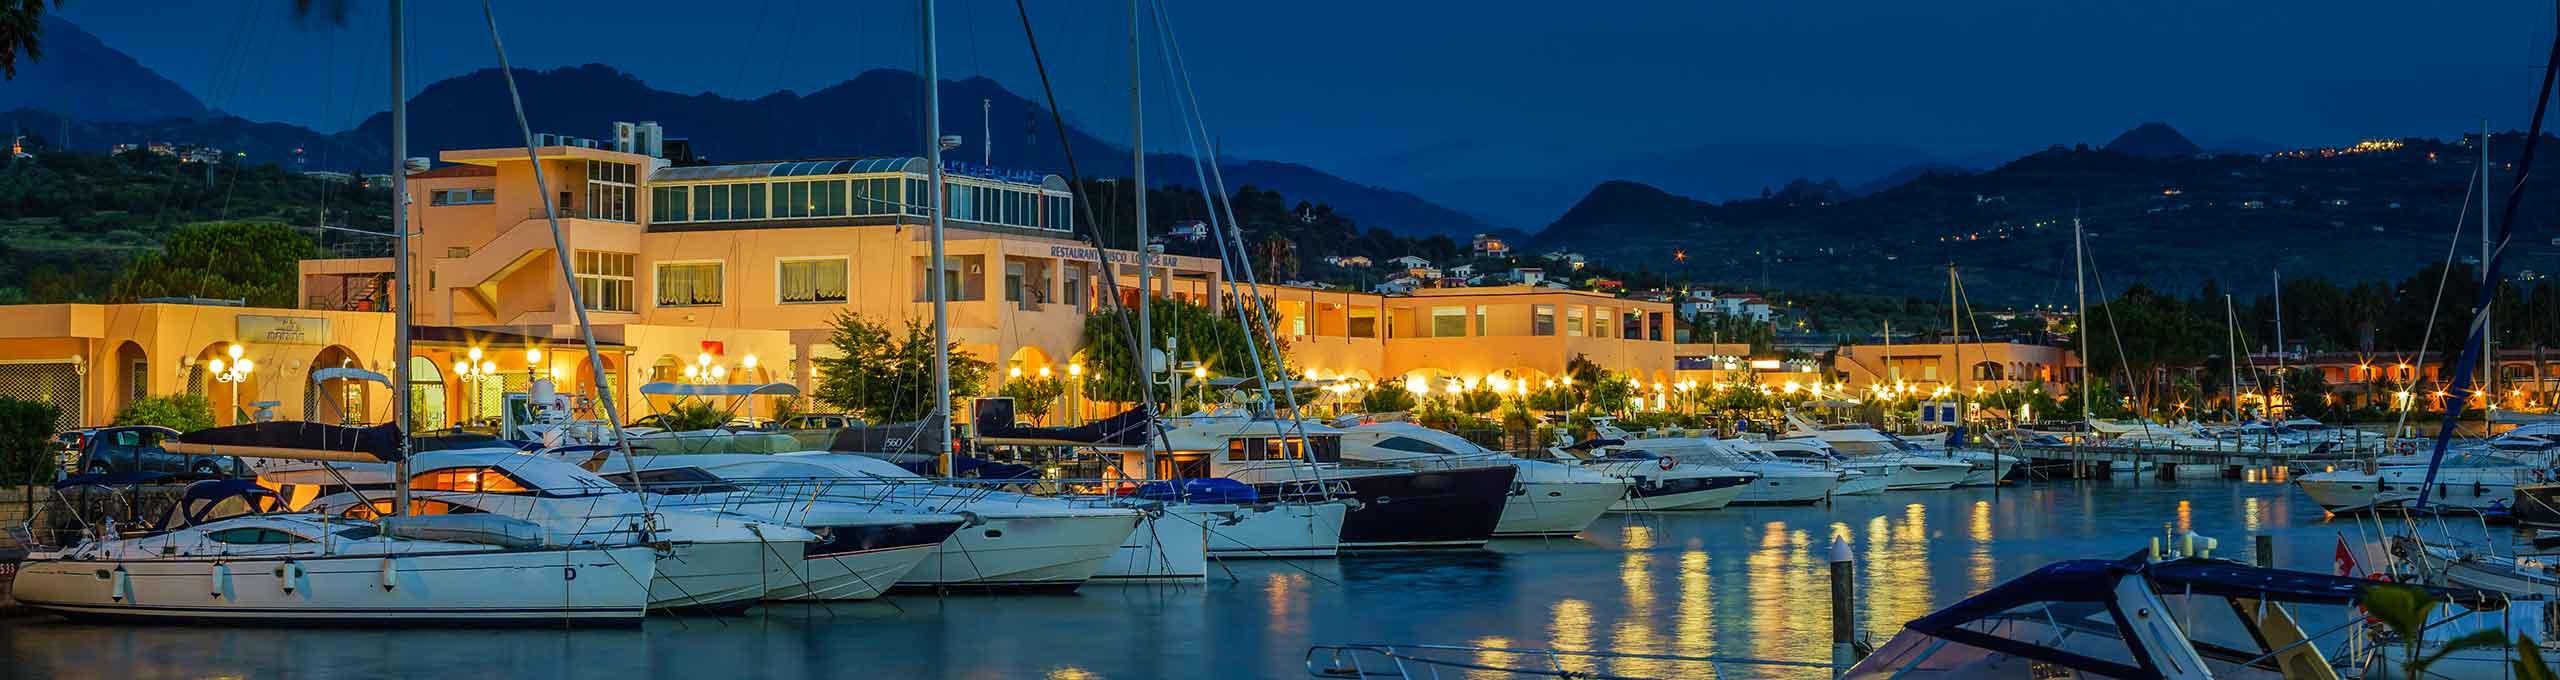 Portorosa, Isole Eolie, porto turistico